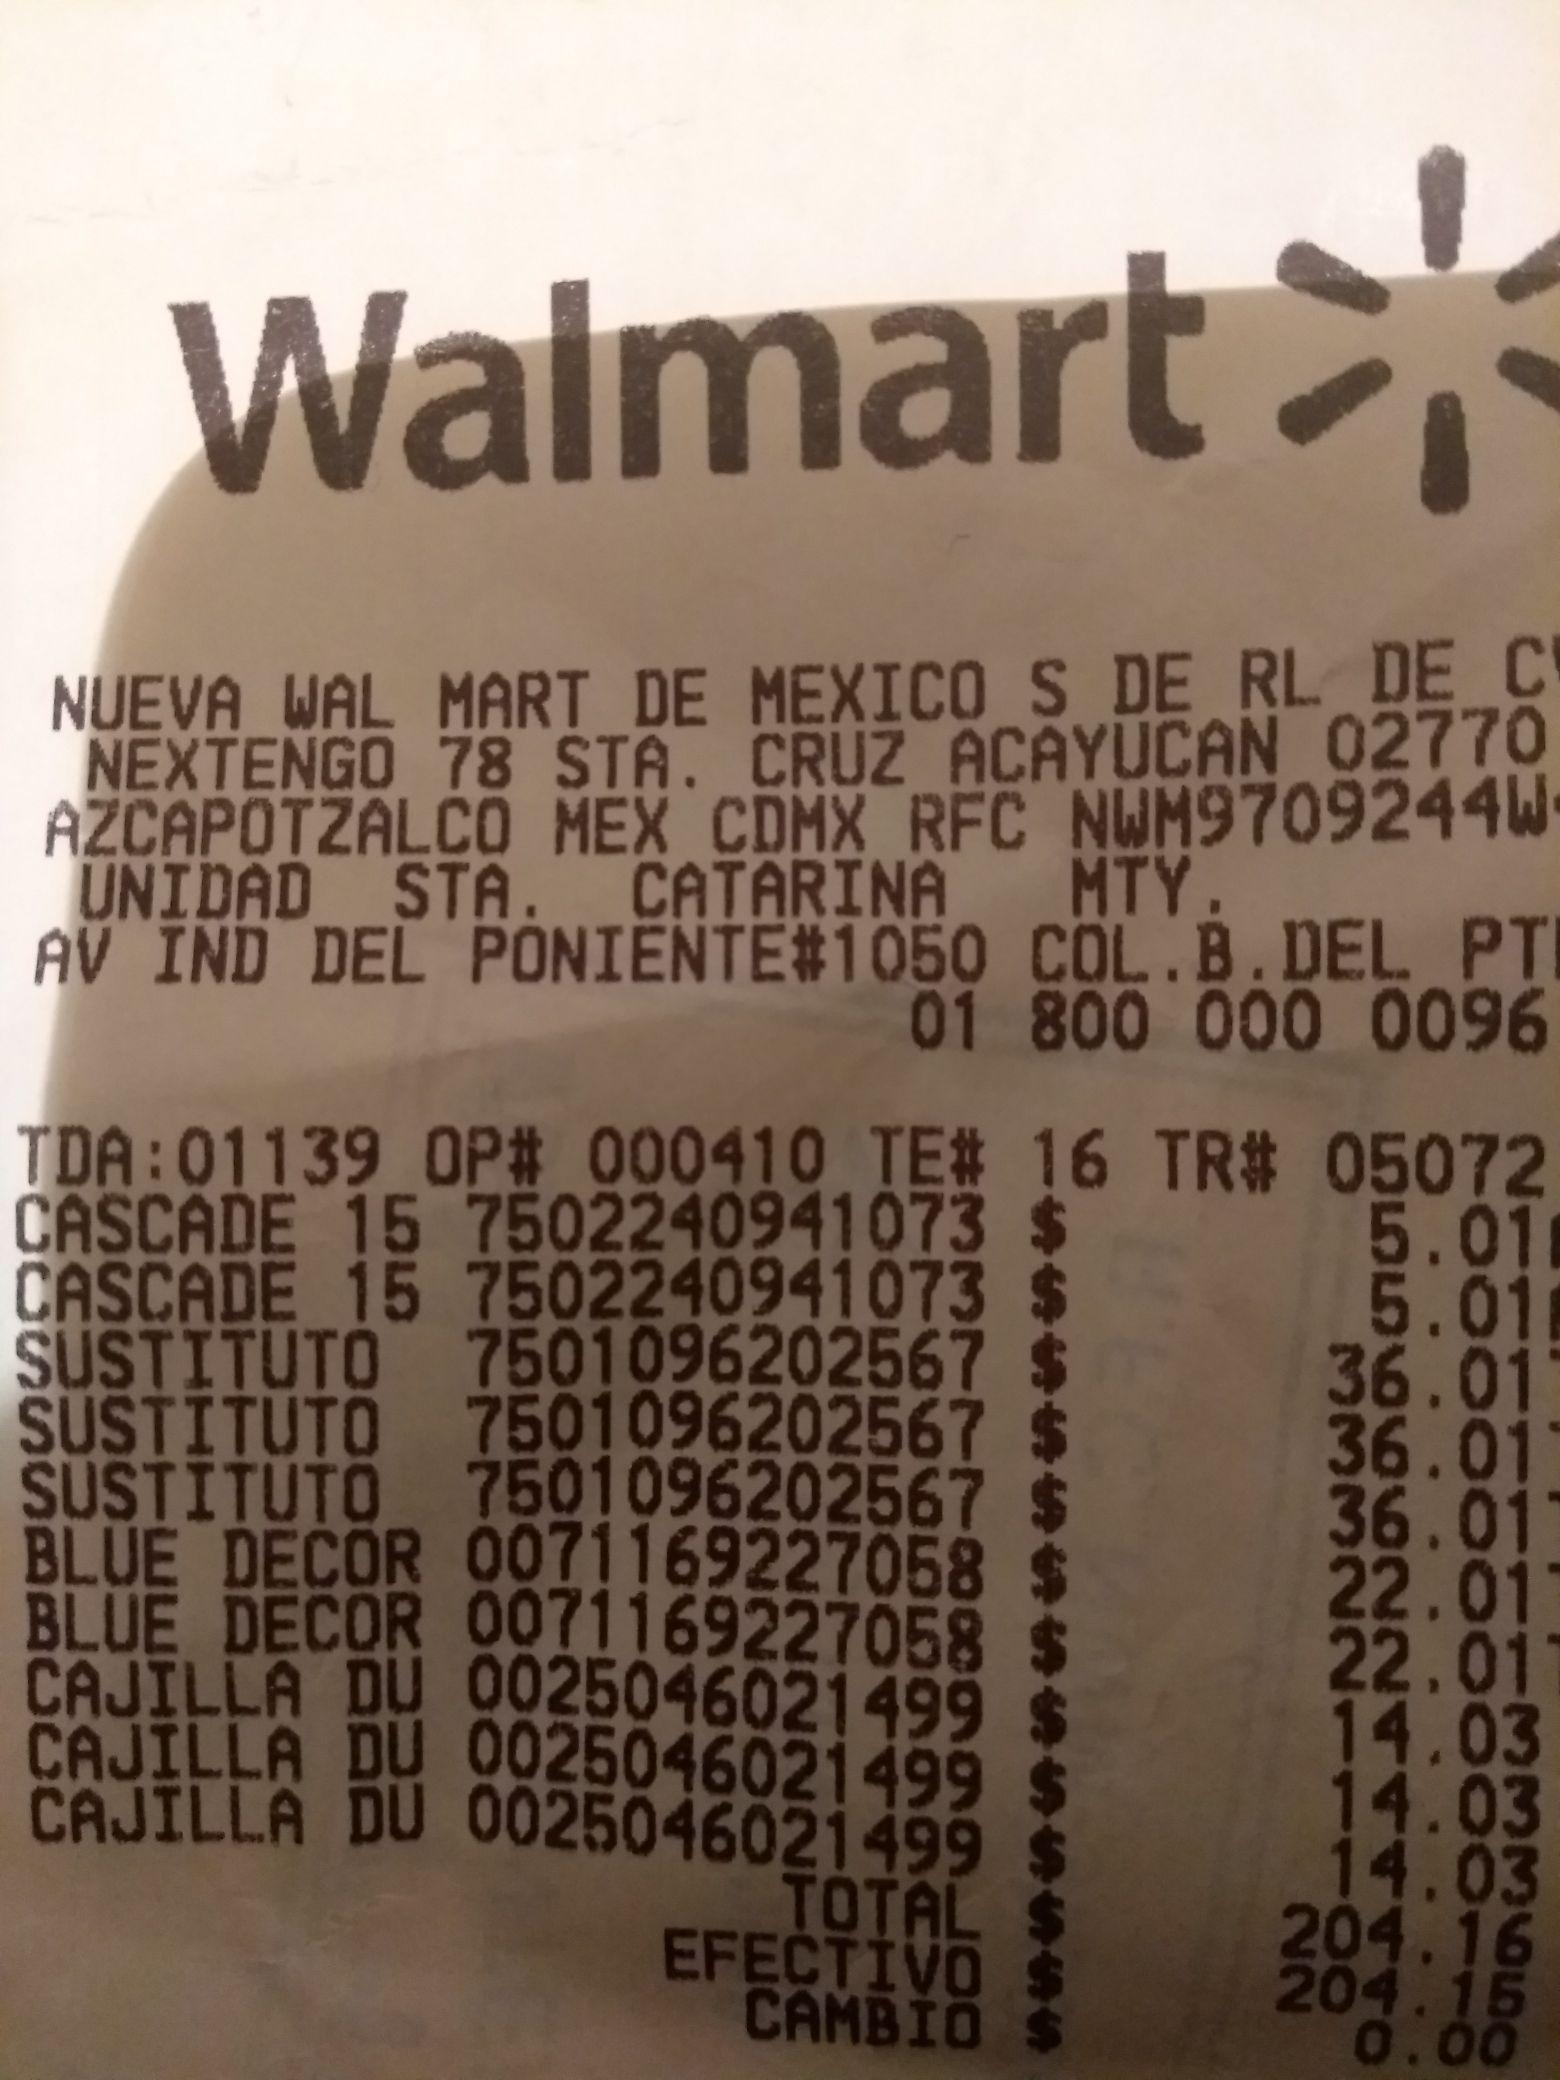 Ofertas Walmart santa Catarina NL: Galletas gluten free y más